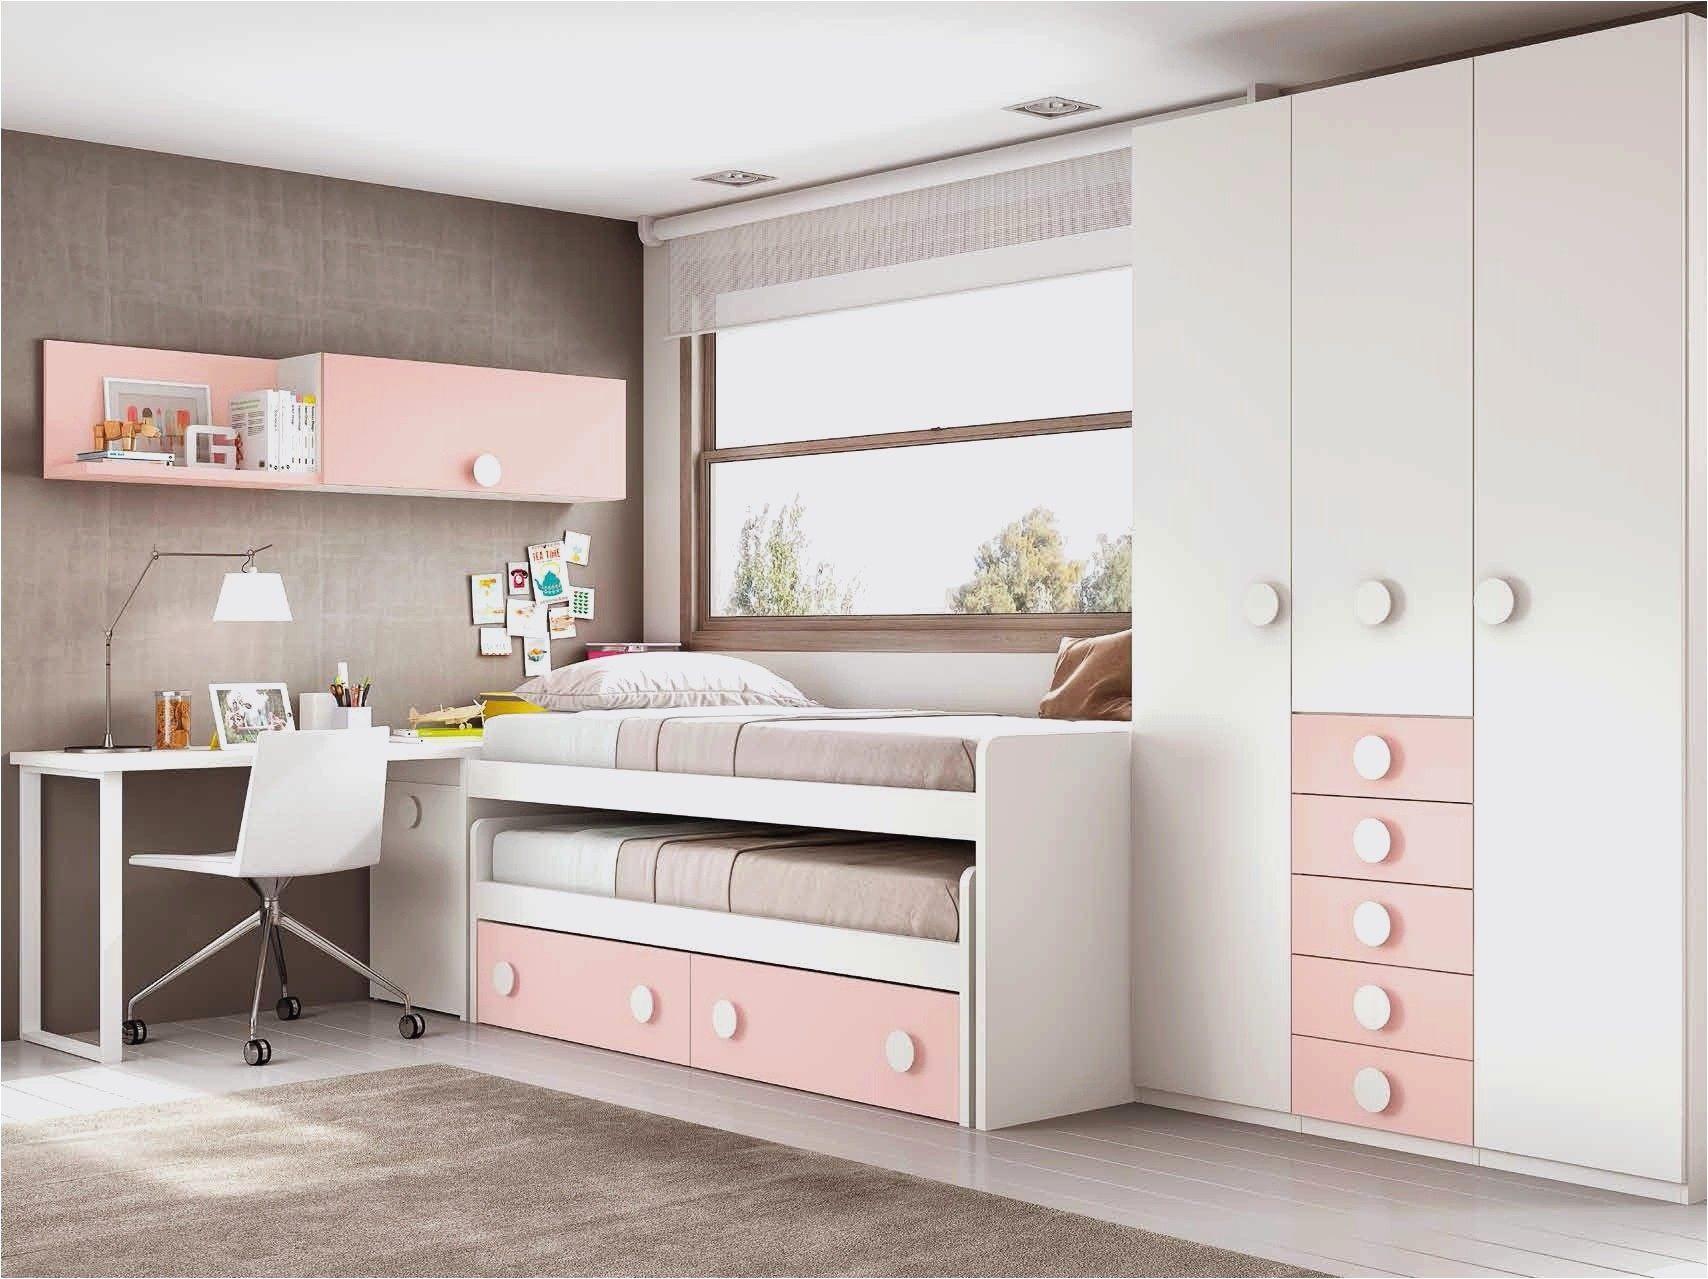 Décoratif Armoire Lit 160x200 Ou Armoire Lit Ikea Avec Lit Gain De